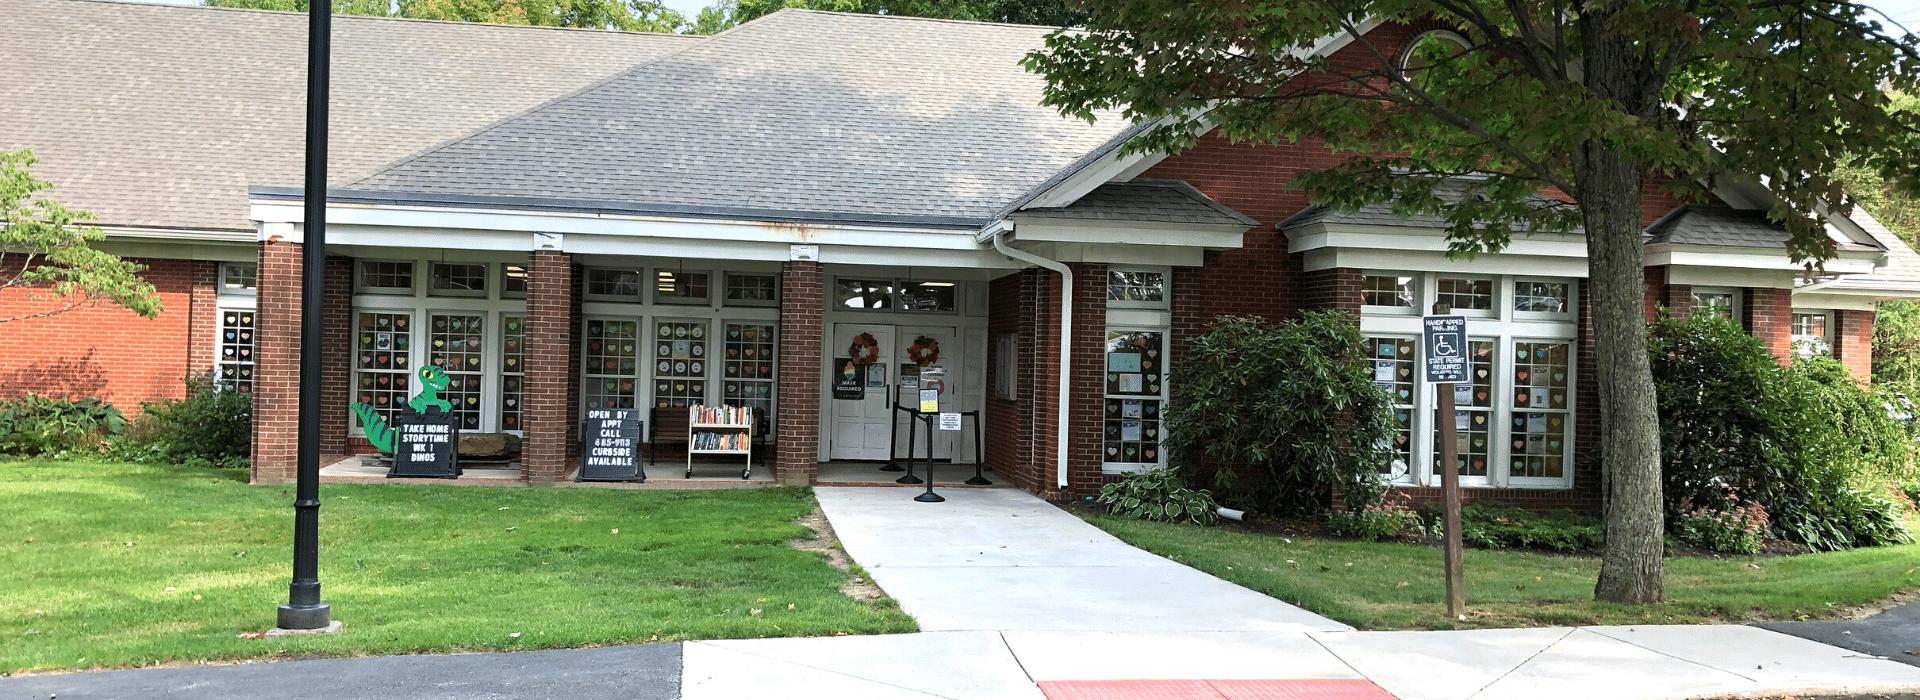 Harwinton Public Library